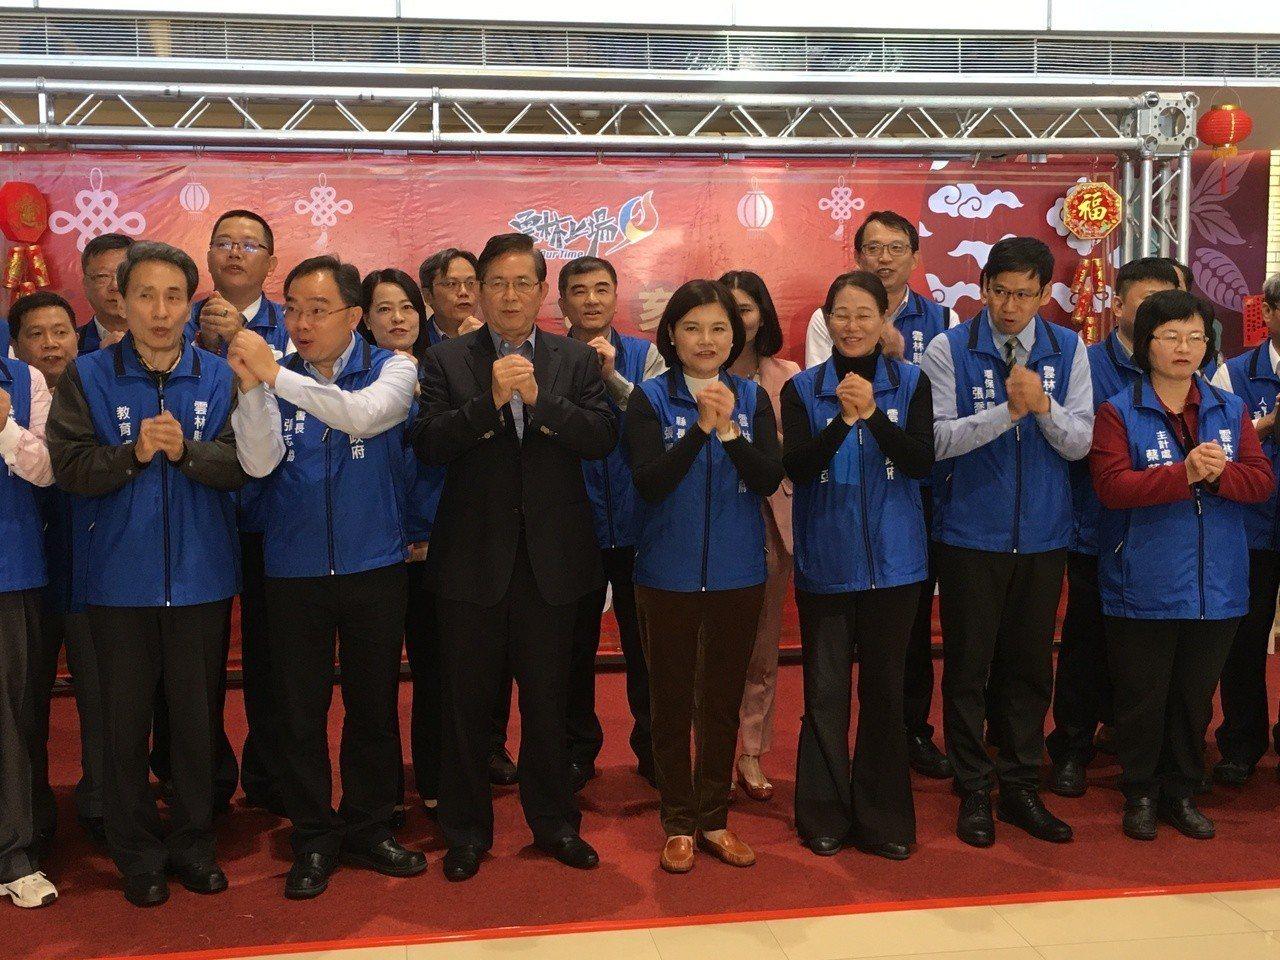 雲林縣長張麗善(右四)今天率領縣府團隊新春團拜。記者陳雅玲/攝影